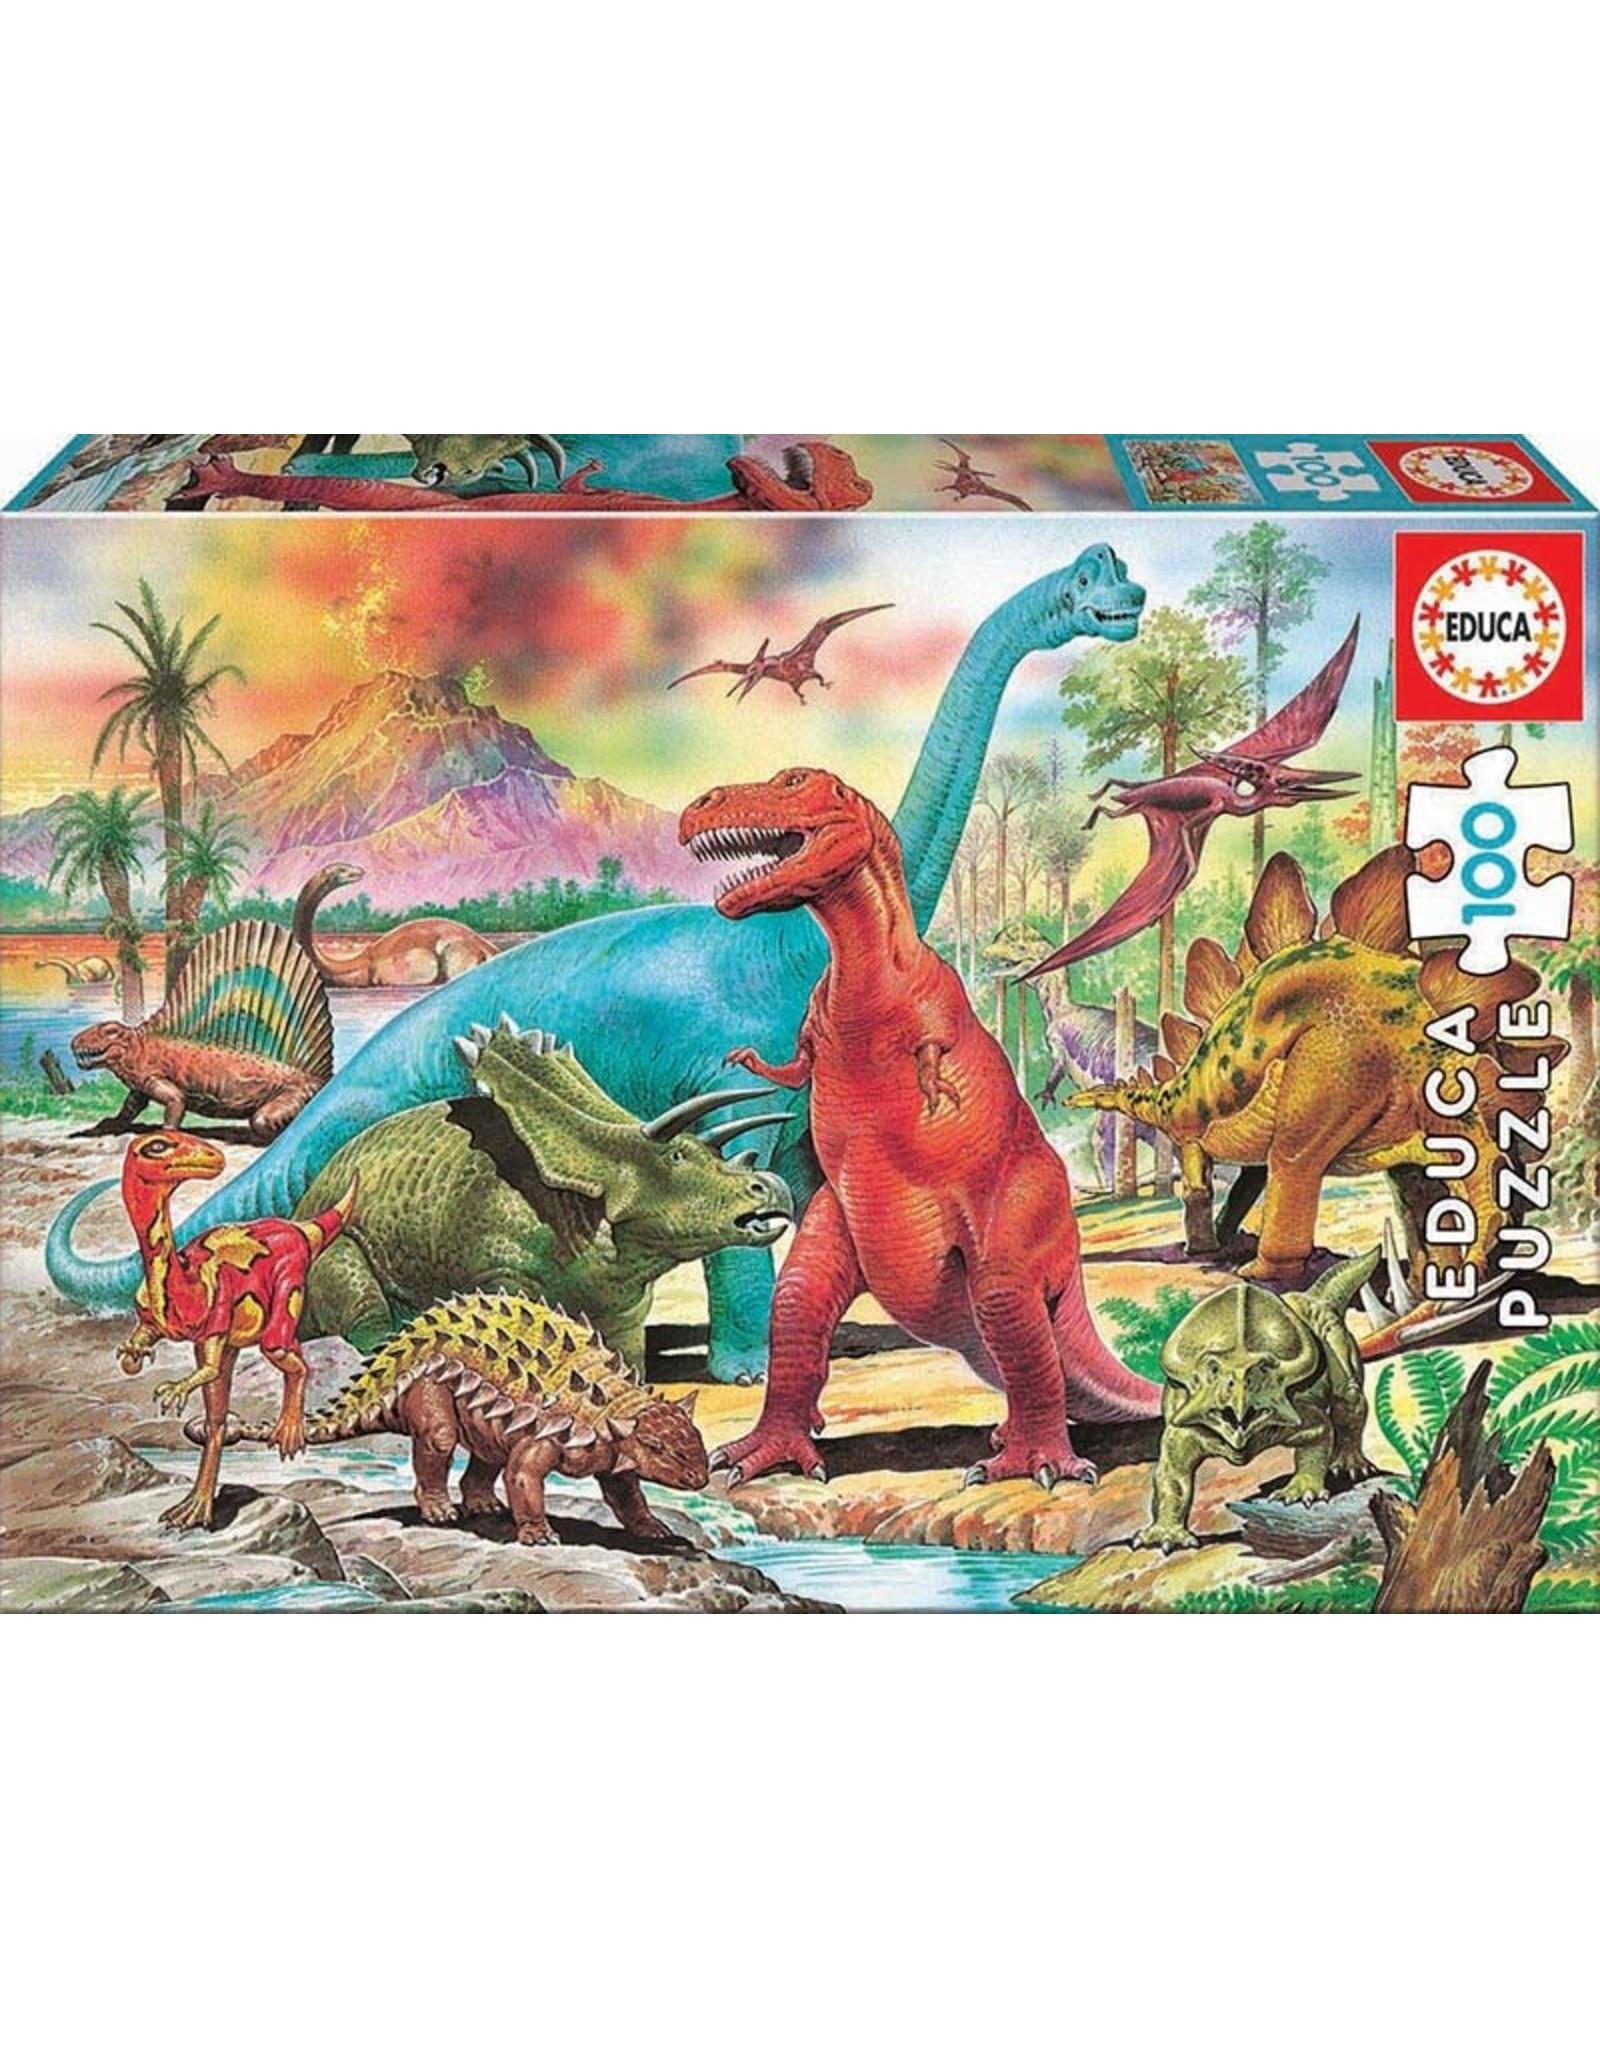 Educa Dinosaurs 100pc Puzzle